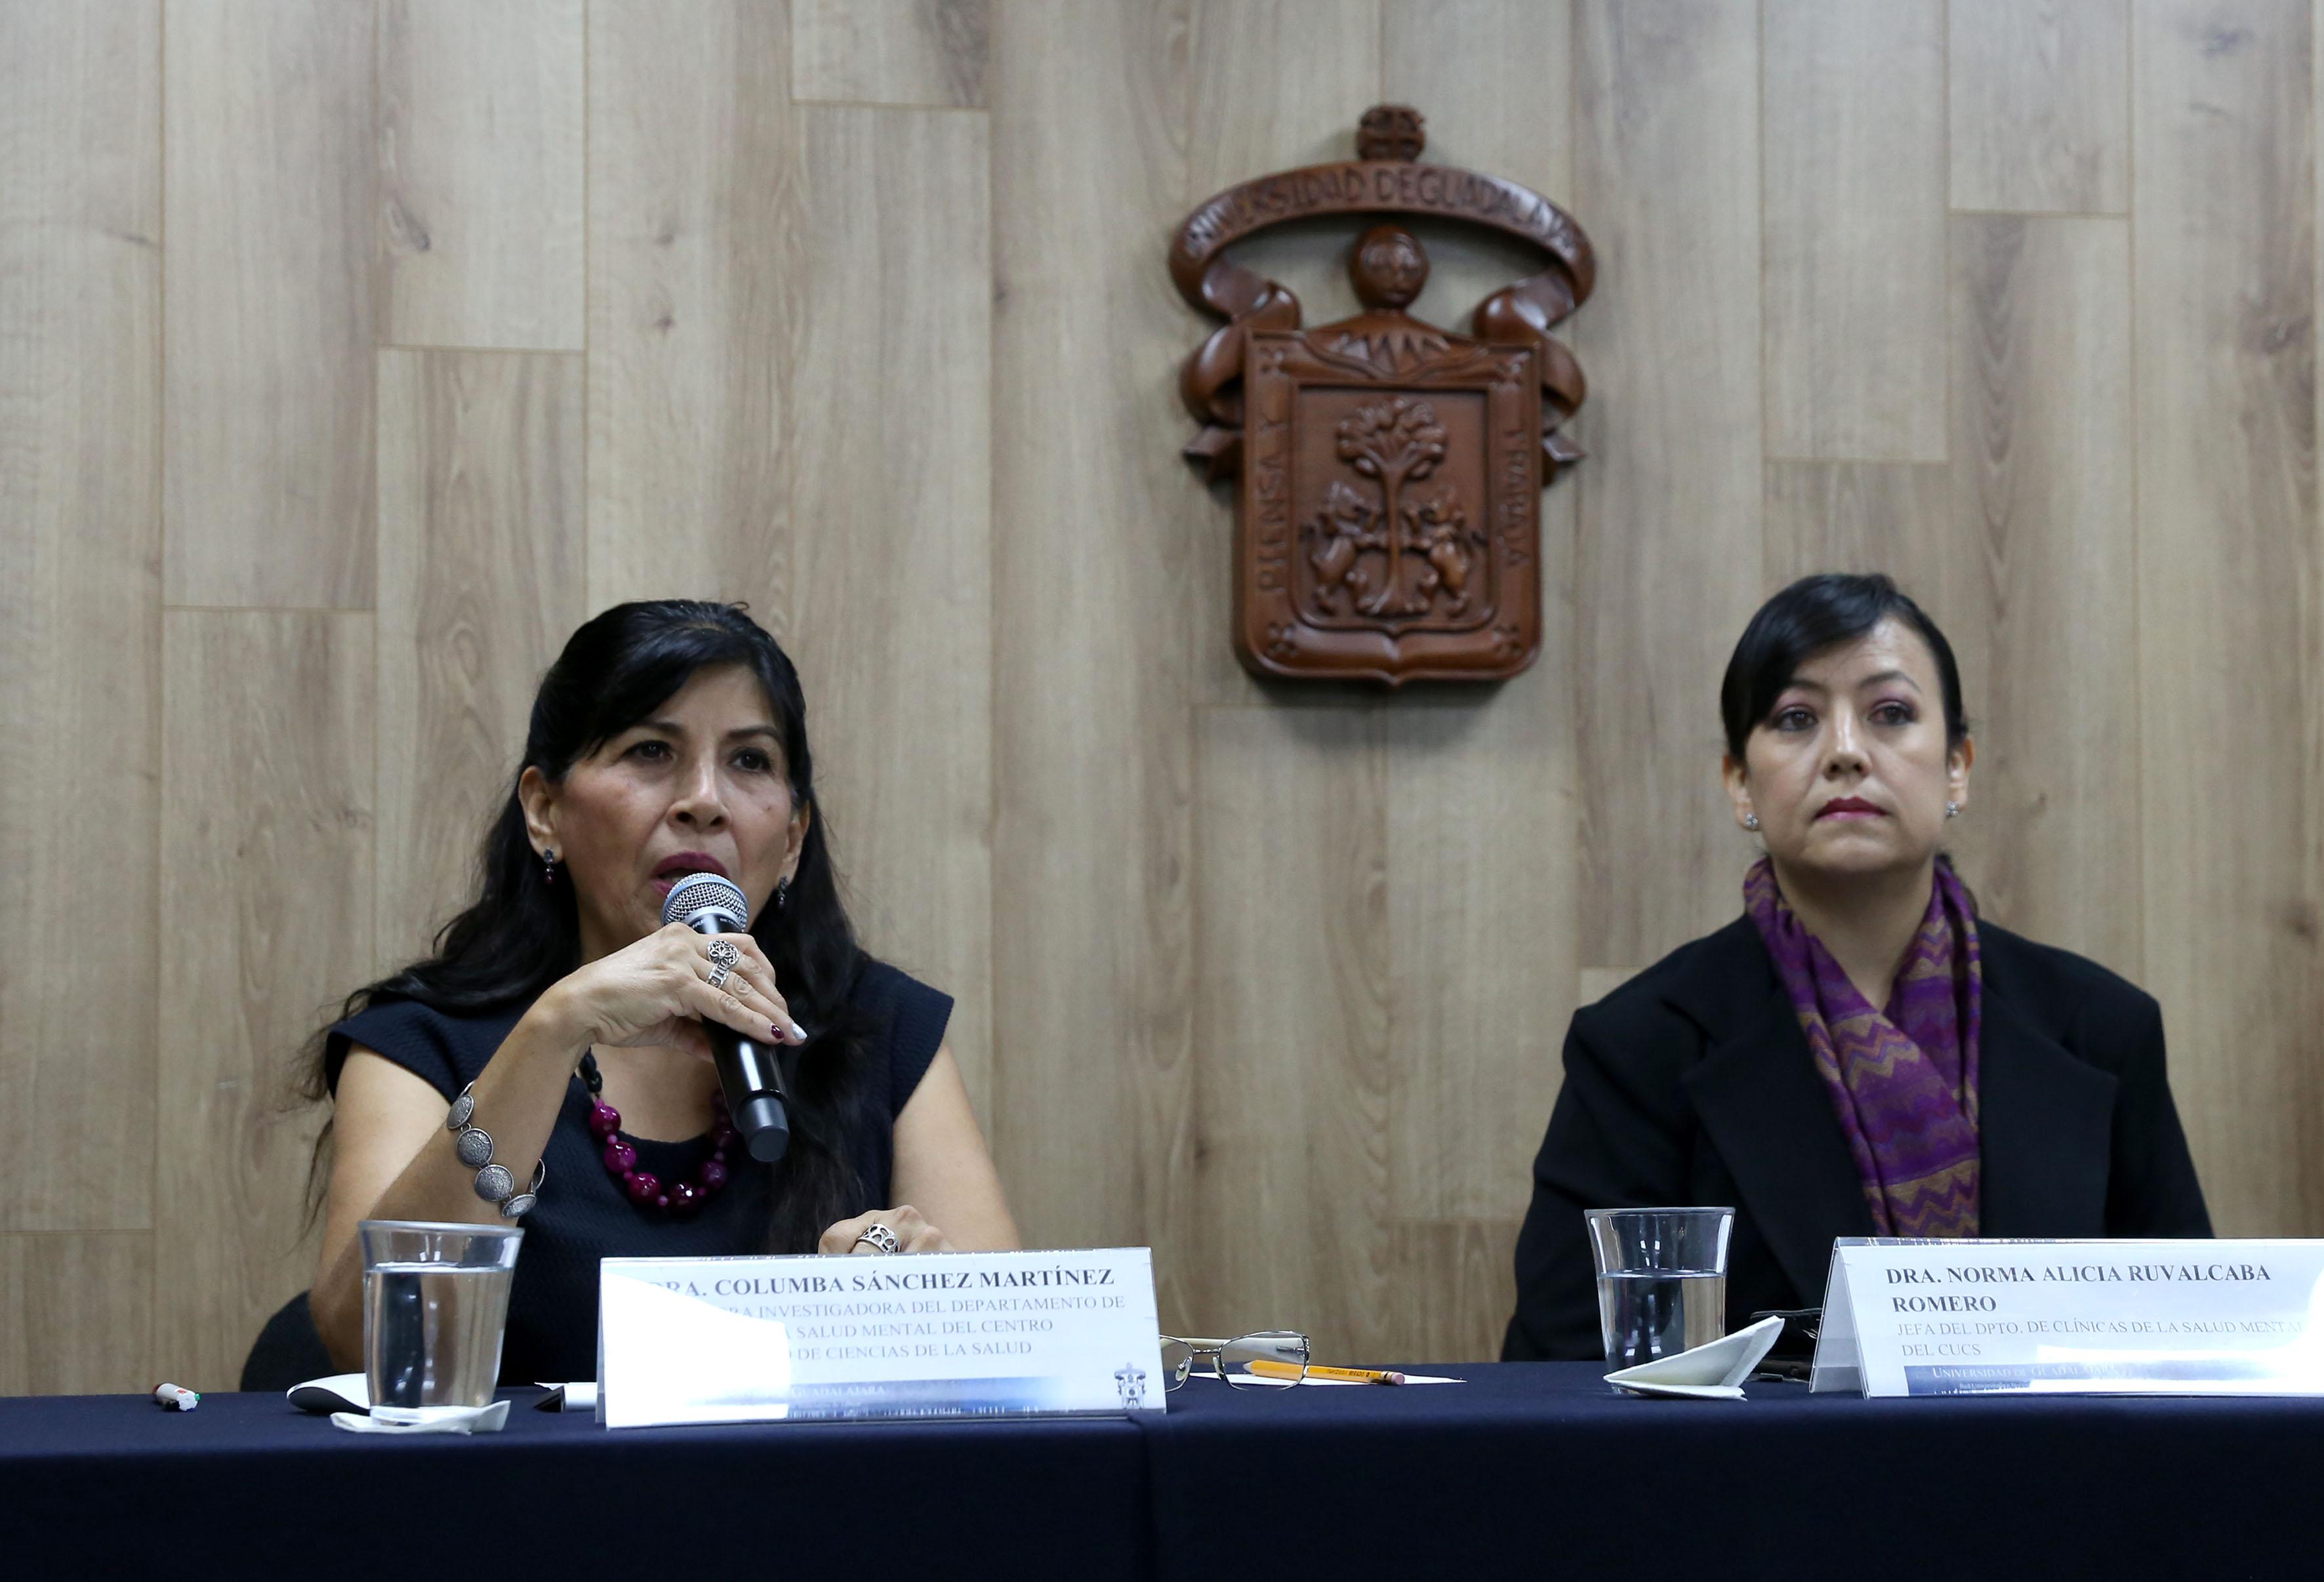 Presídium de rueda de prensa. Al micrófono la Dra. Columba Sánchez